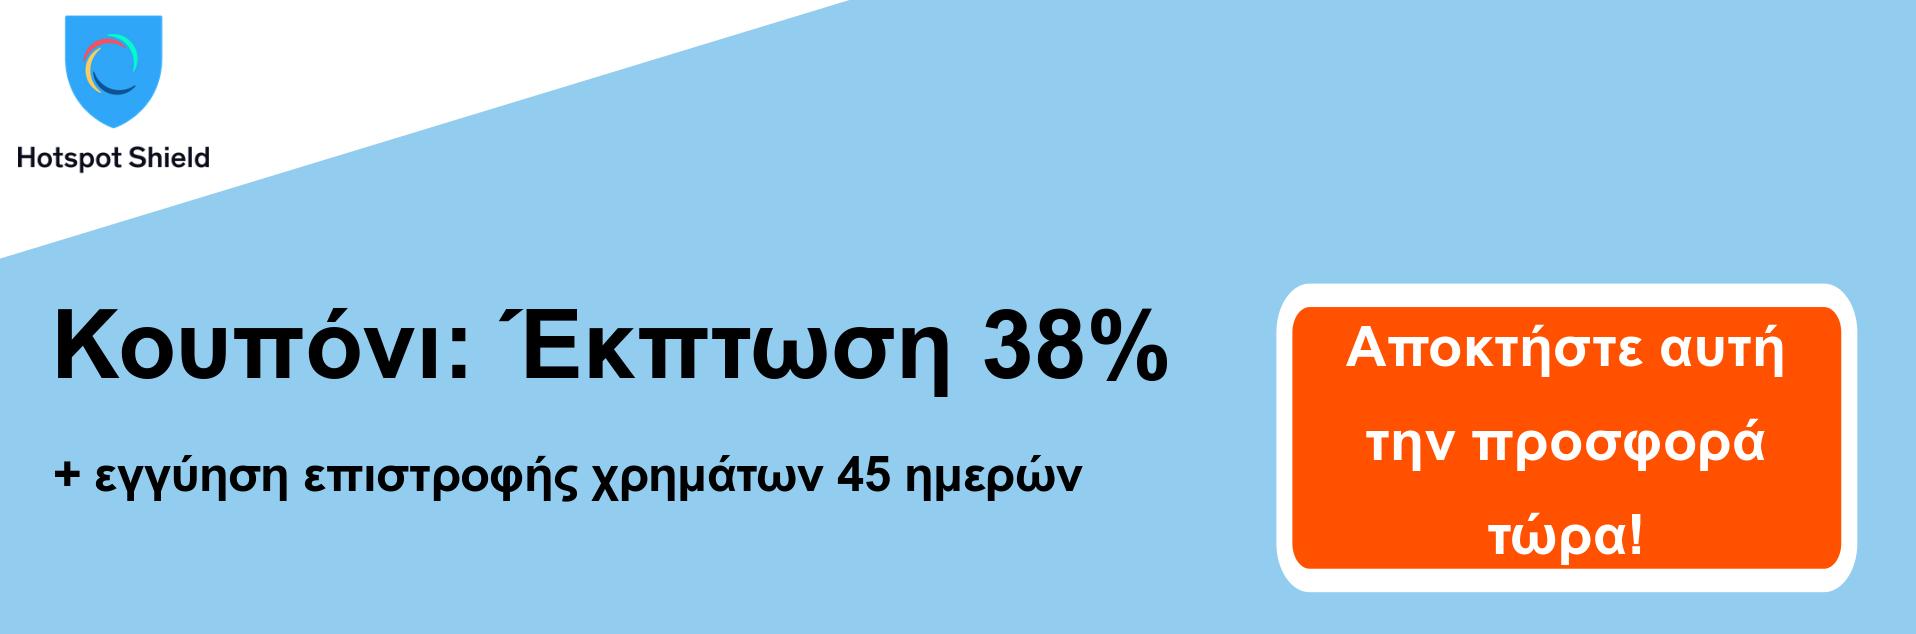 HotspotShield VPN κουπόνι banner - έκπτωση 38%